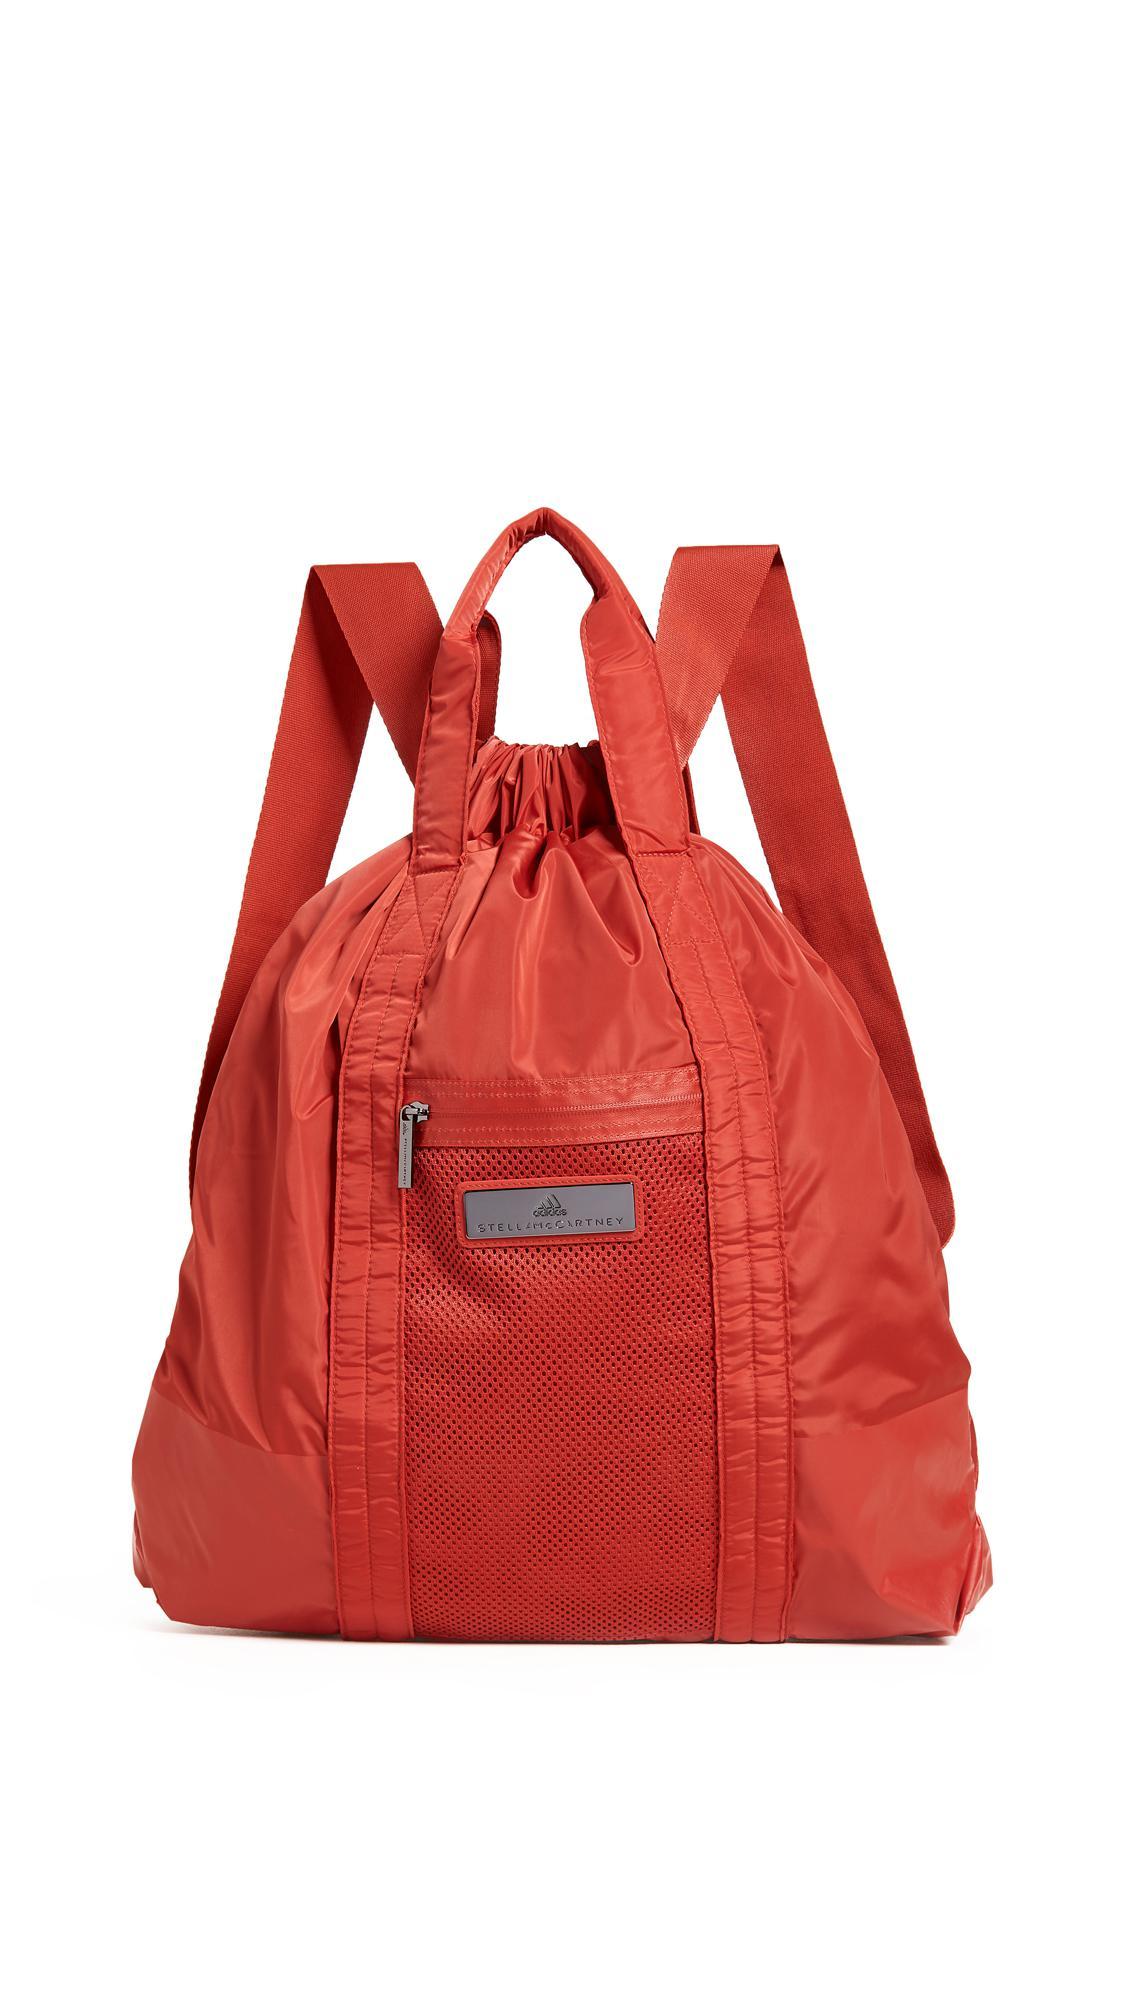 adidas By Stella McCartney Gym Sack Backpack in Red - Lyst 7b18465f78f40